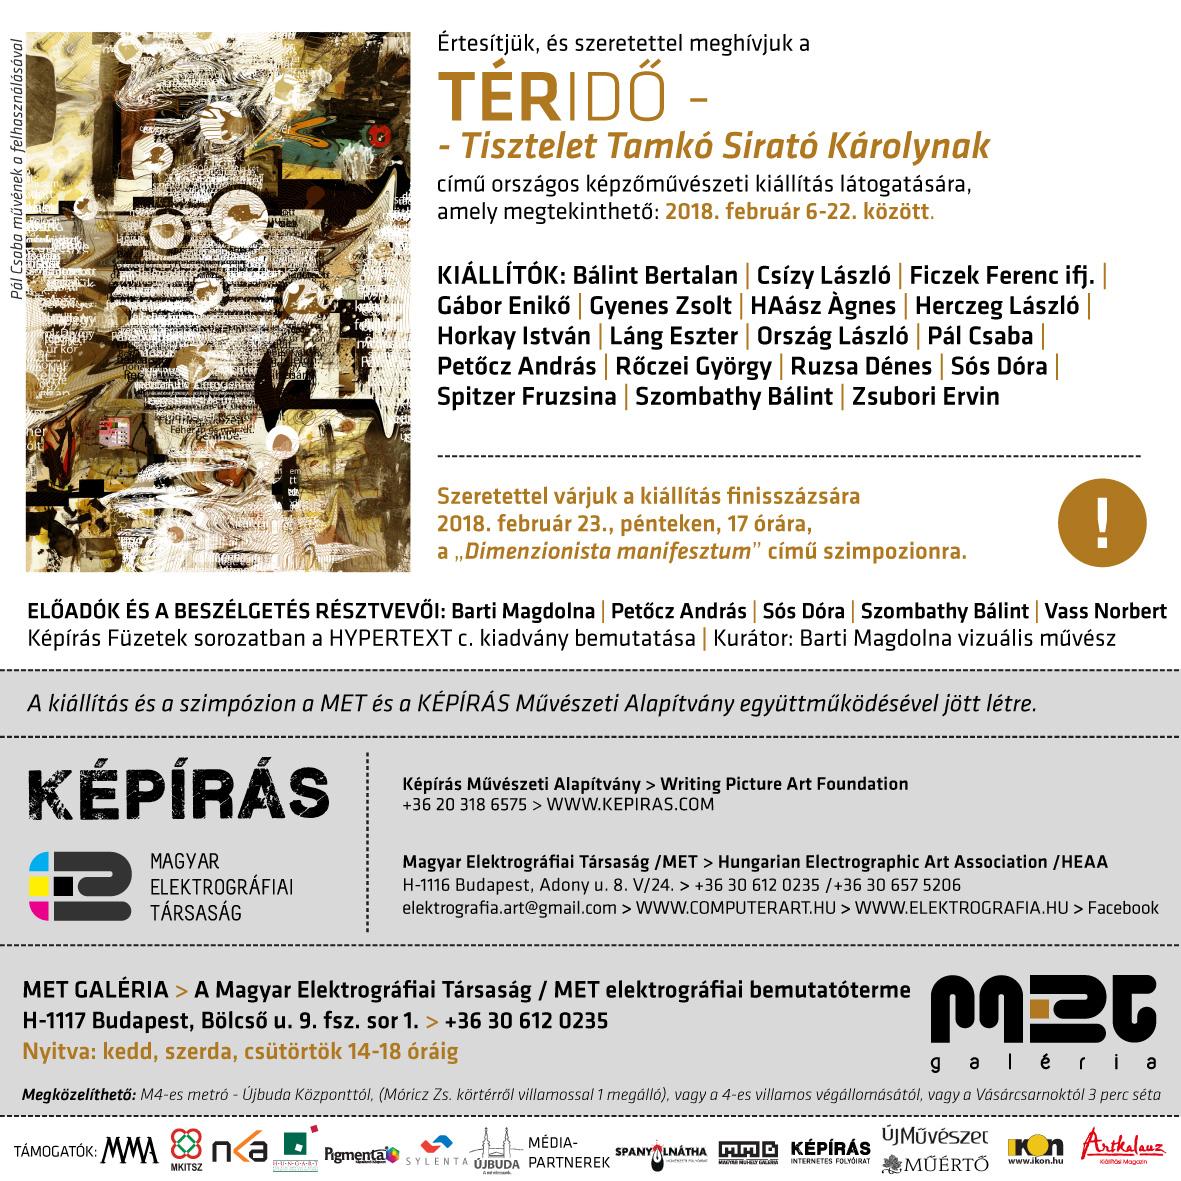 met_galeria_kepiras2018.jpg